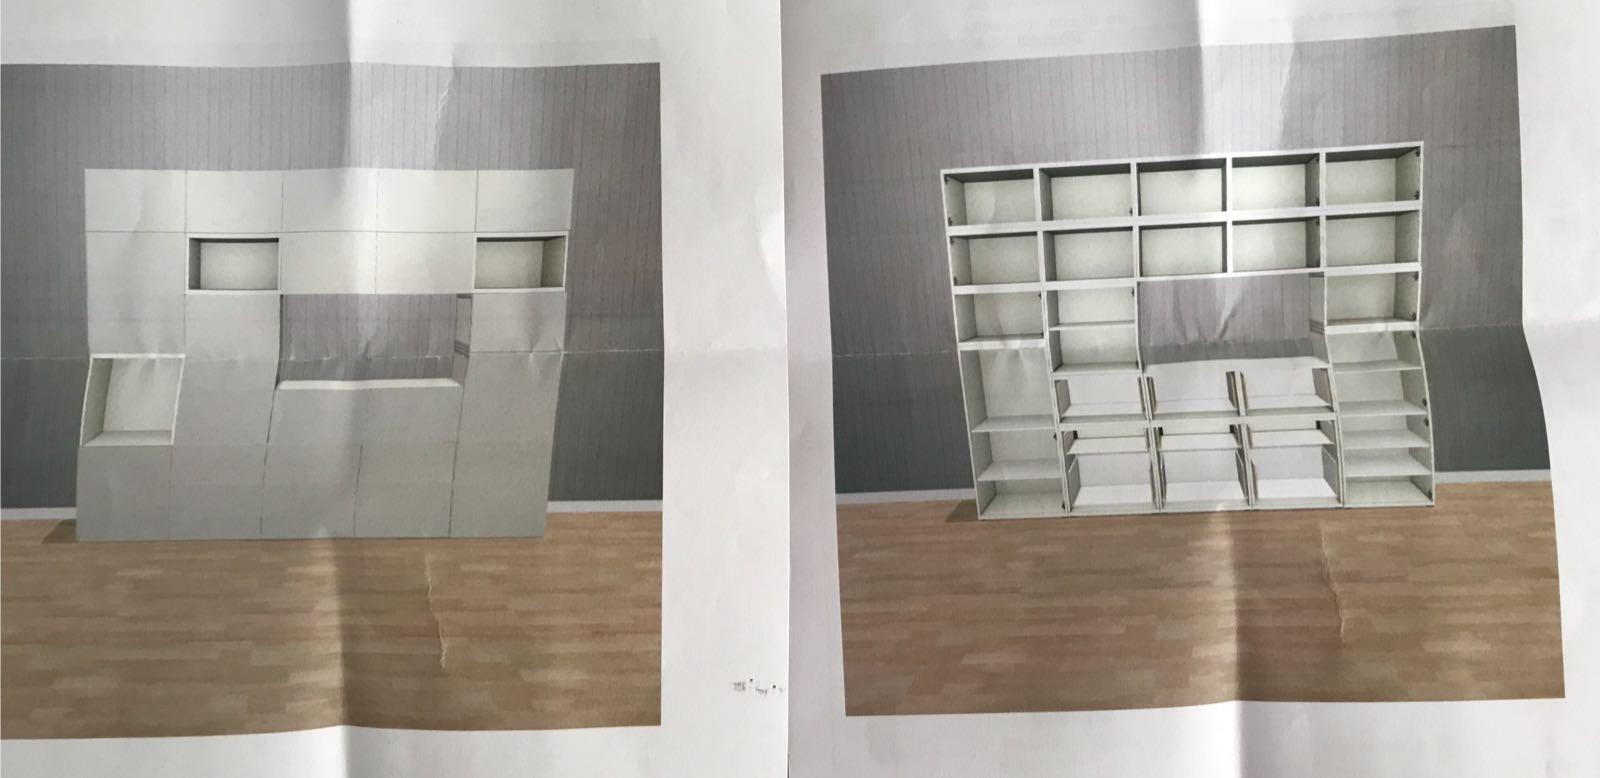 Verrassend Besta Ikea kast in elkaar zetten - Werkspot QY-57